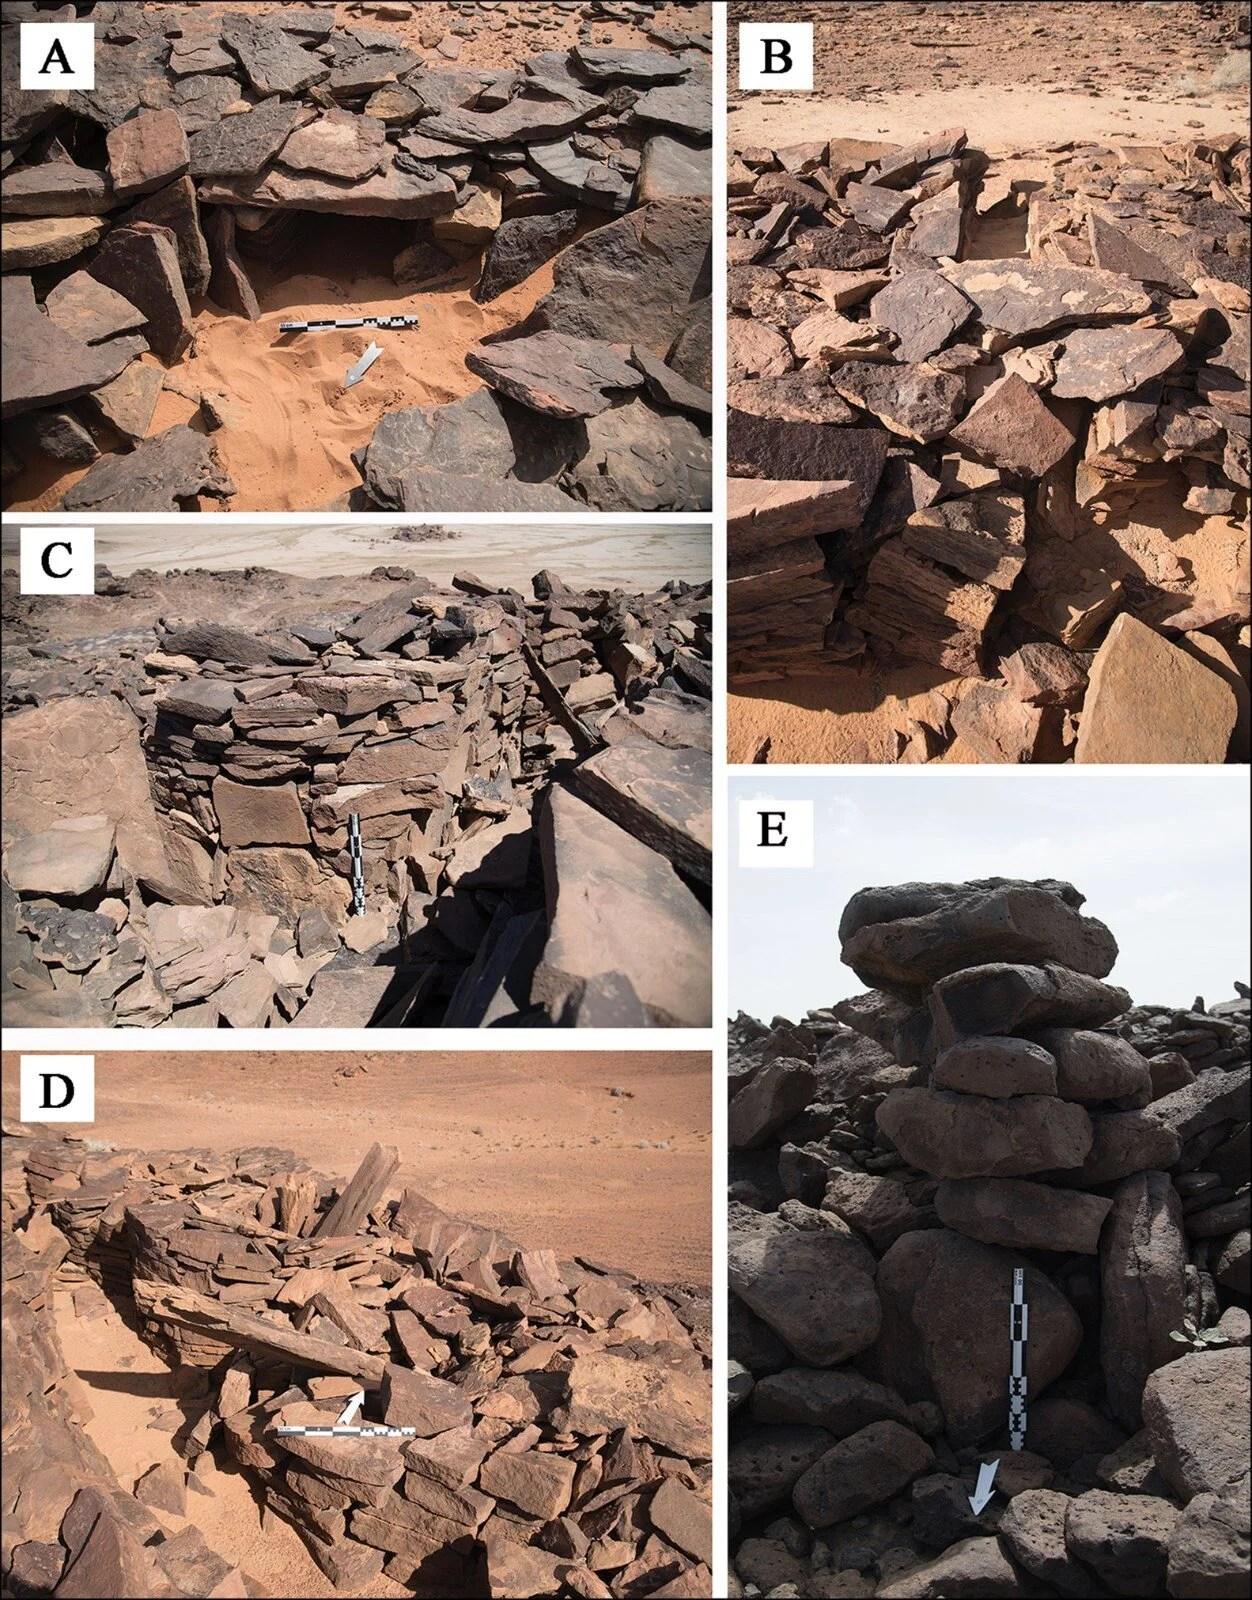 Suudi Arabistan'daki 7 bin yıllık yapılar: Stonehenge'den daha eski - 5